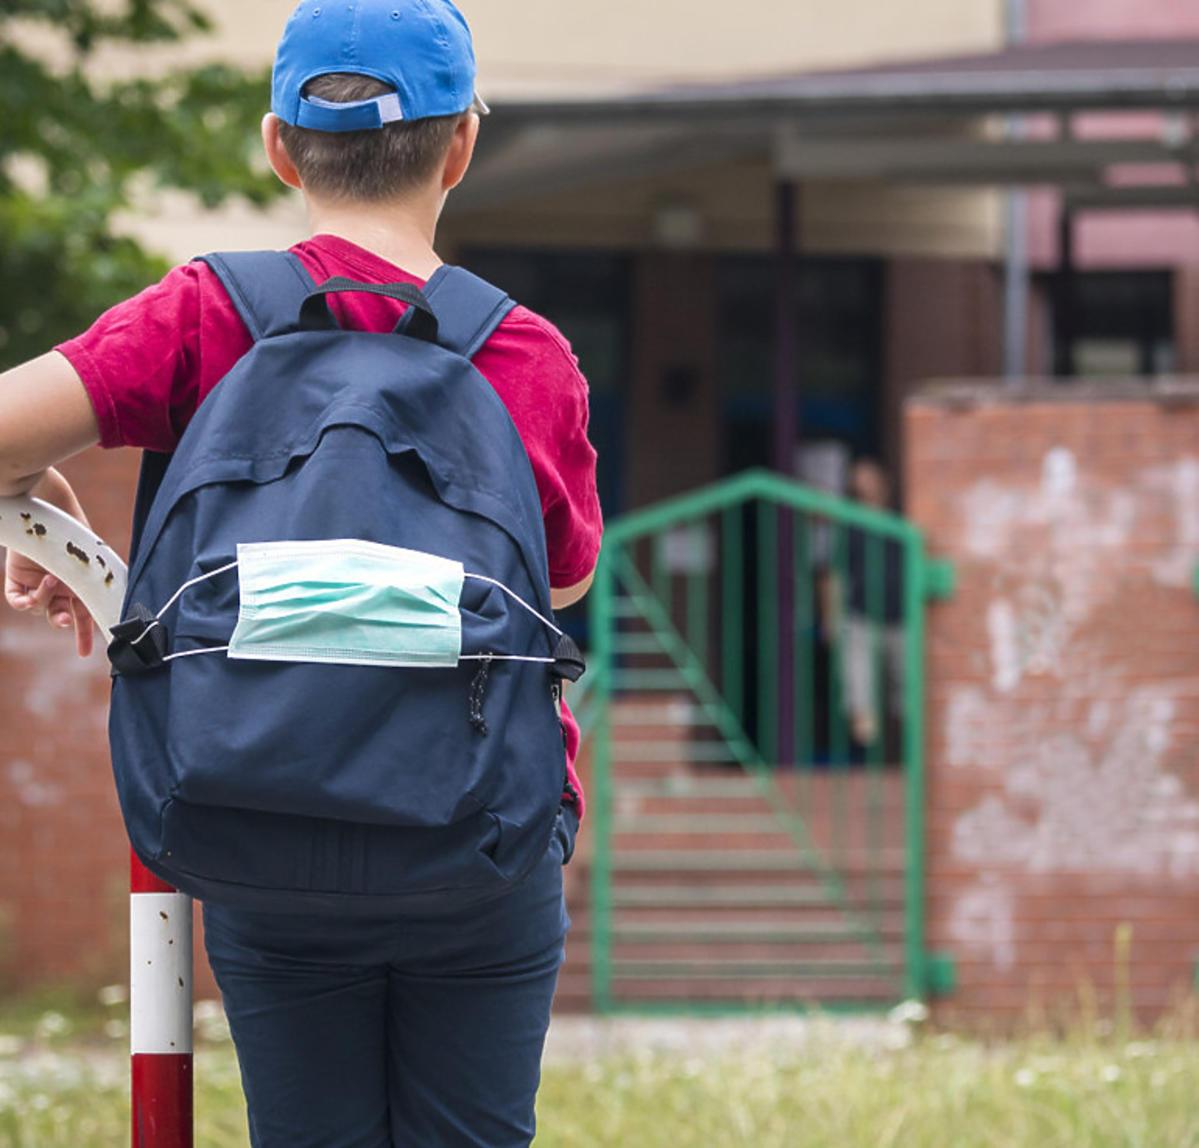 Szkoły - czy będą zamknięte?